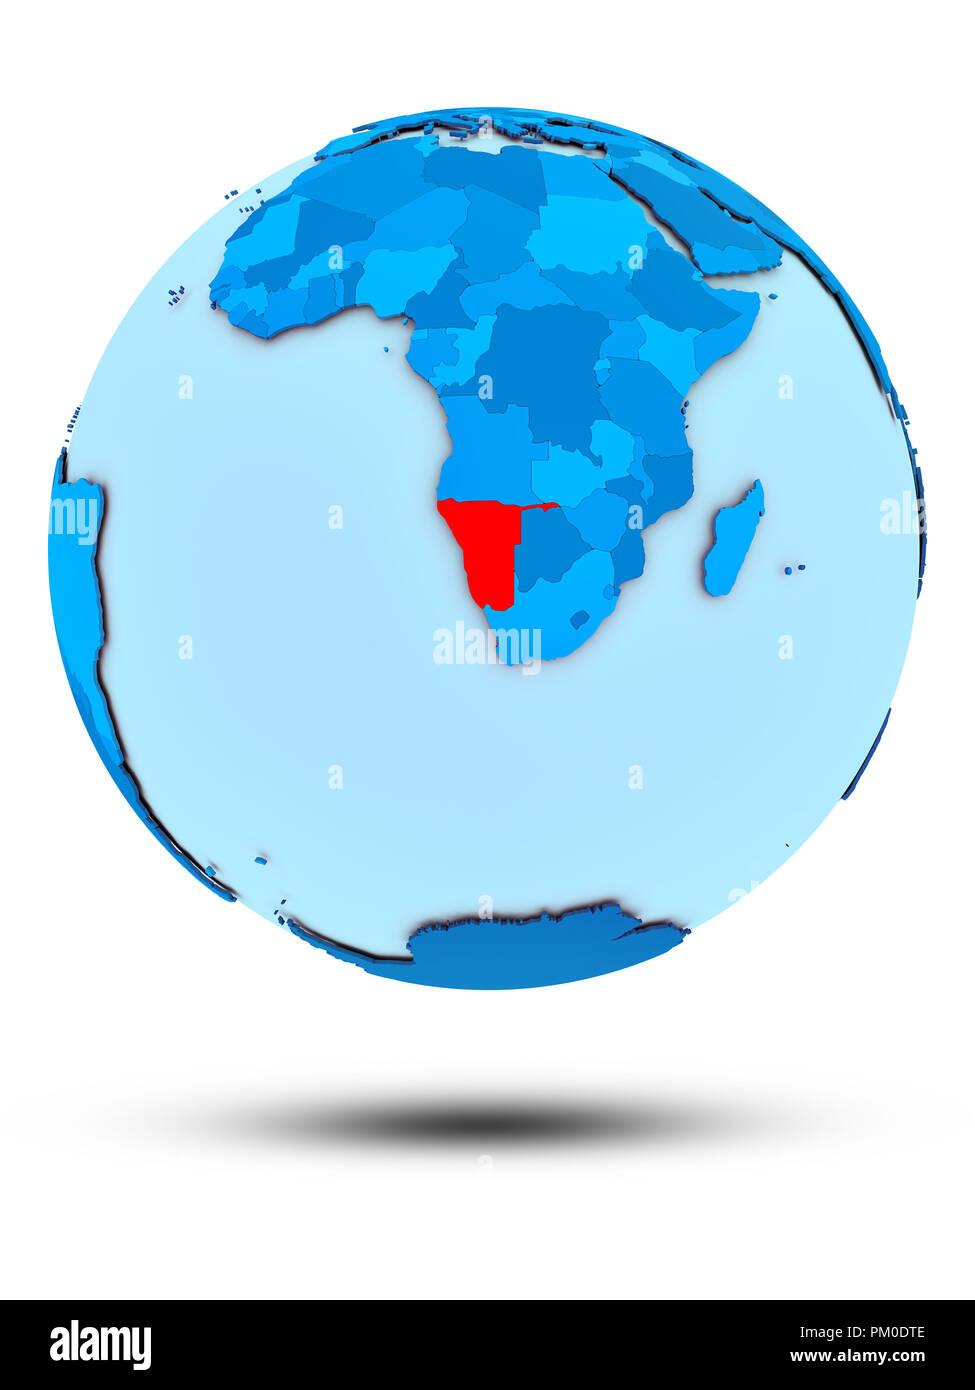 Namibia on blue globe isolated on white background. 3D illustration. - Stock Image